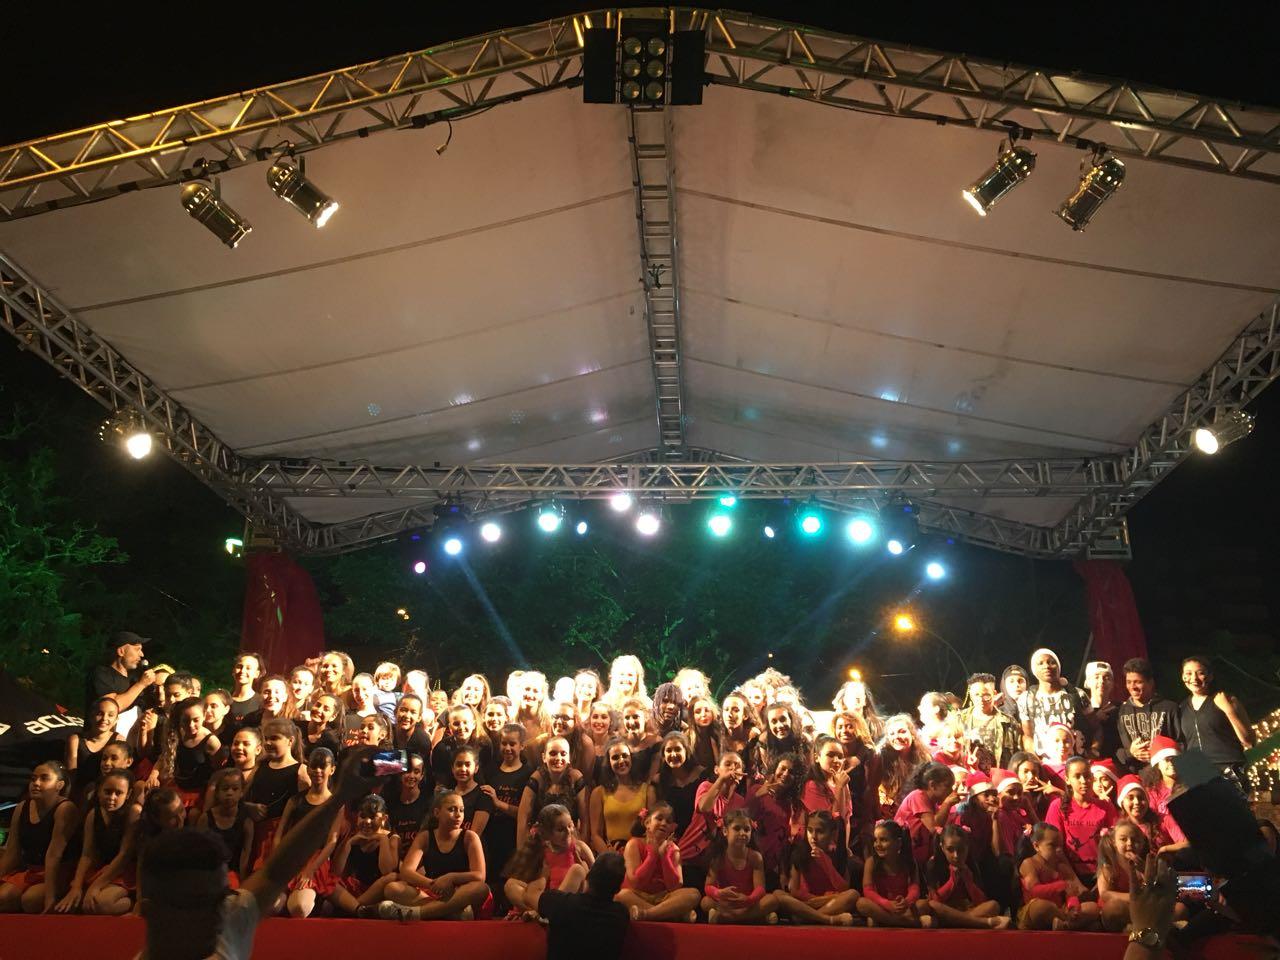 Festival de Dança atrai grande público para Praça da Bandeira